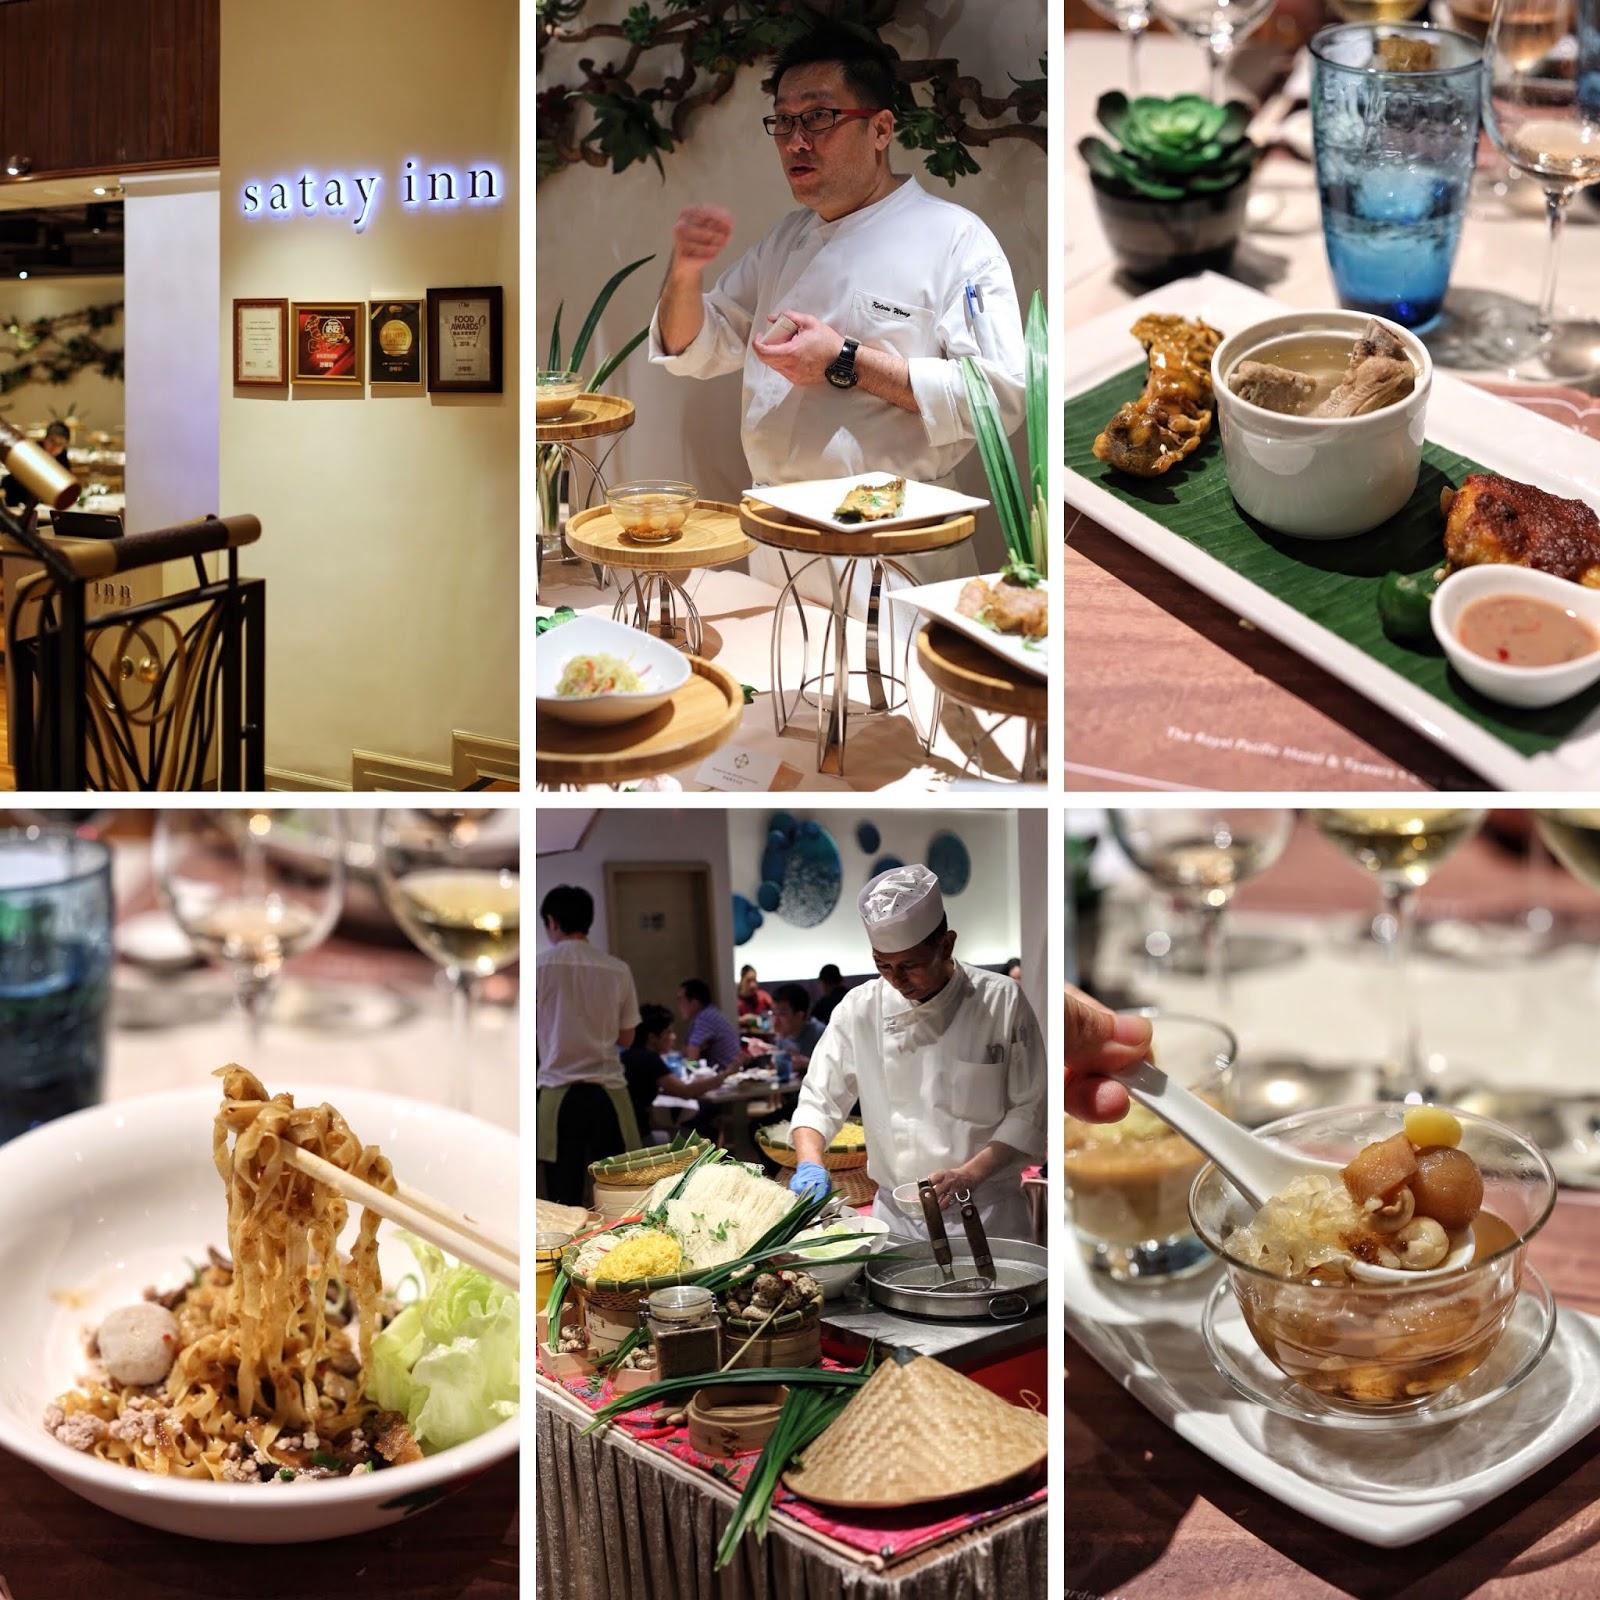 甜魔媽媽新天地: 新加坡美食之最 沙嗲軒 Satay Inn 富麗敦酒店客廚獻技